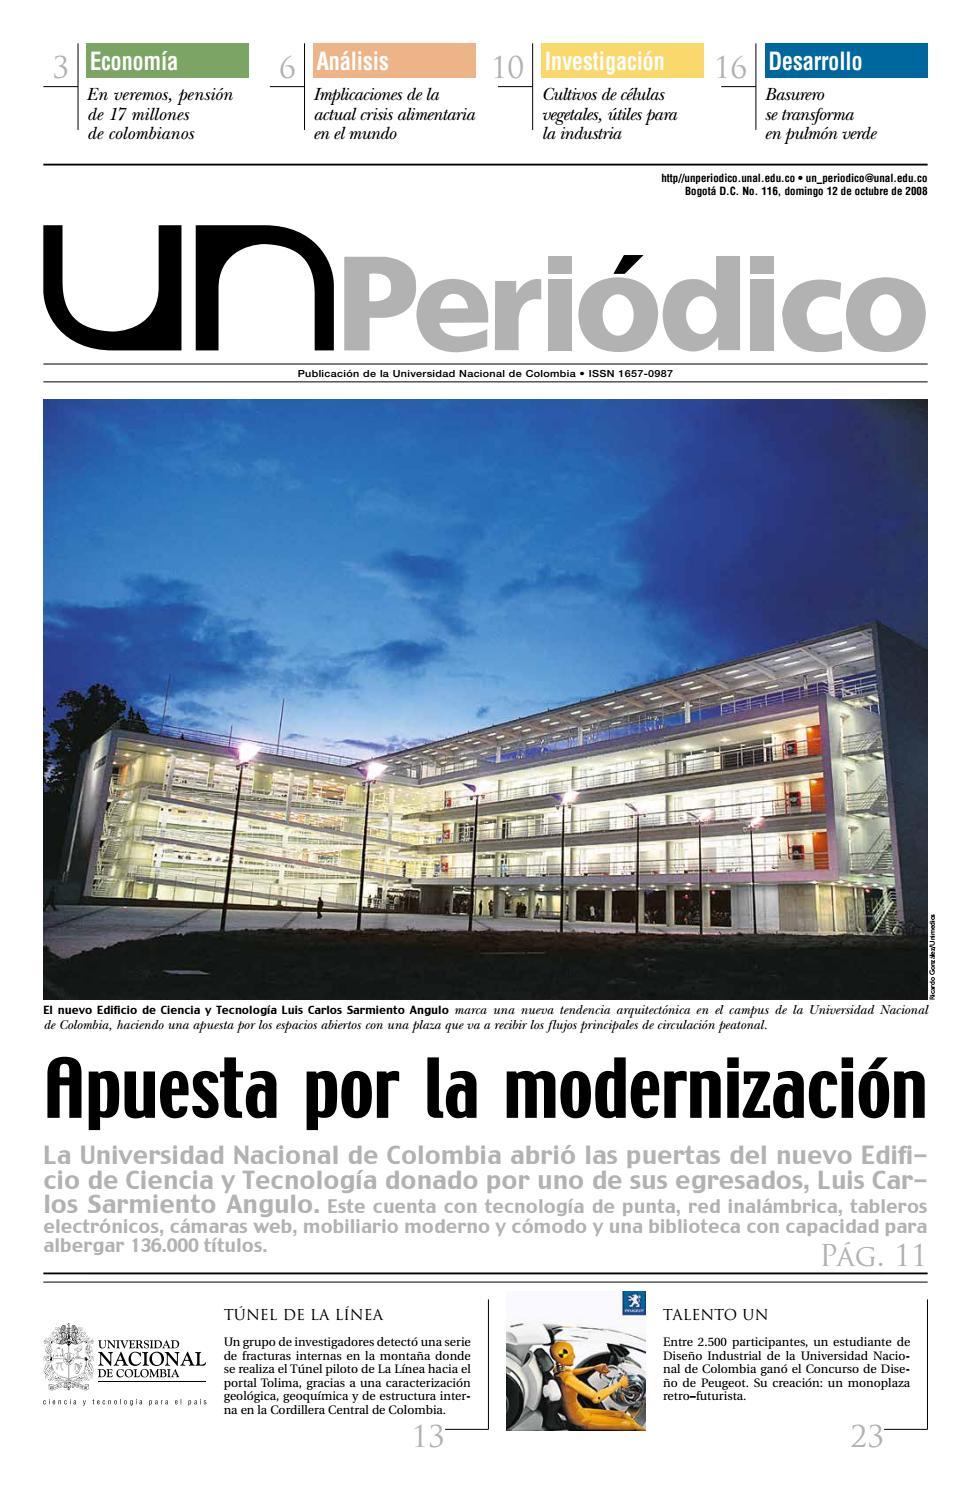 UN Periódico No. 116 by Unimedios - Universidad Nacional de Colombia ...